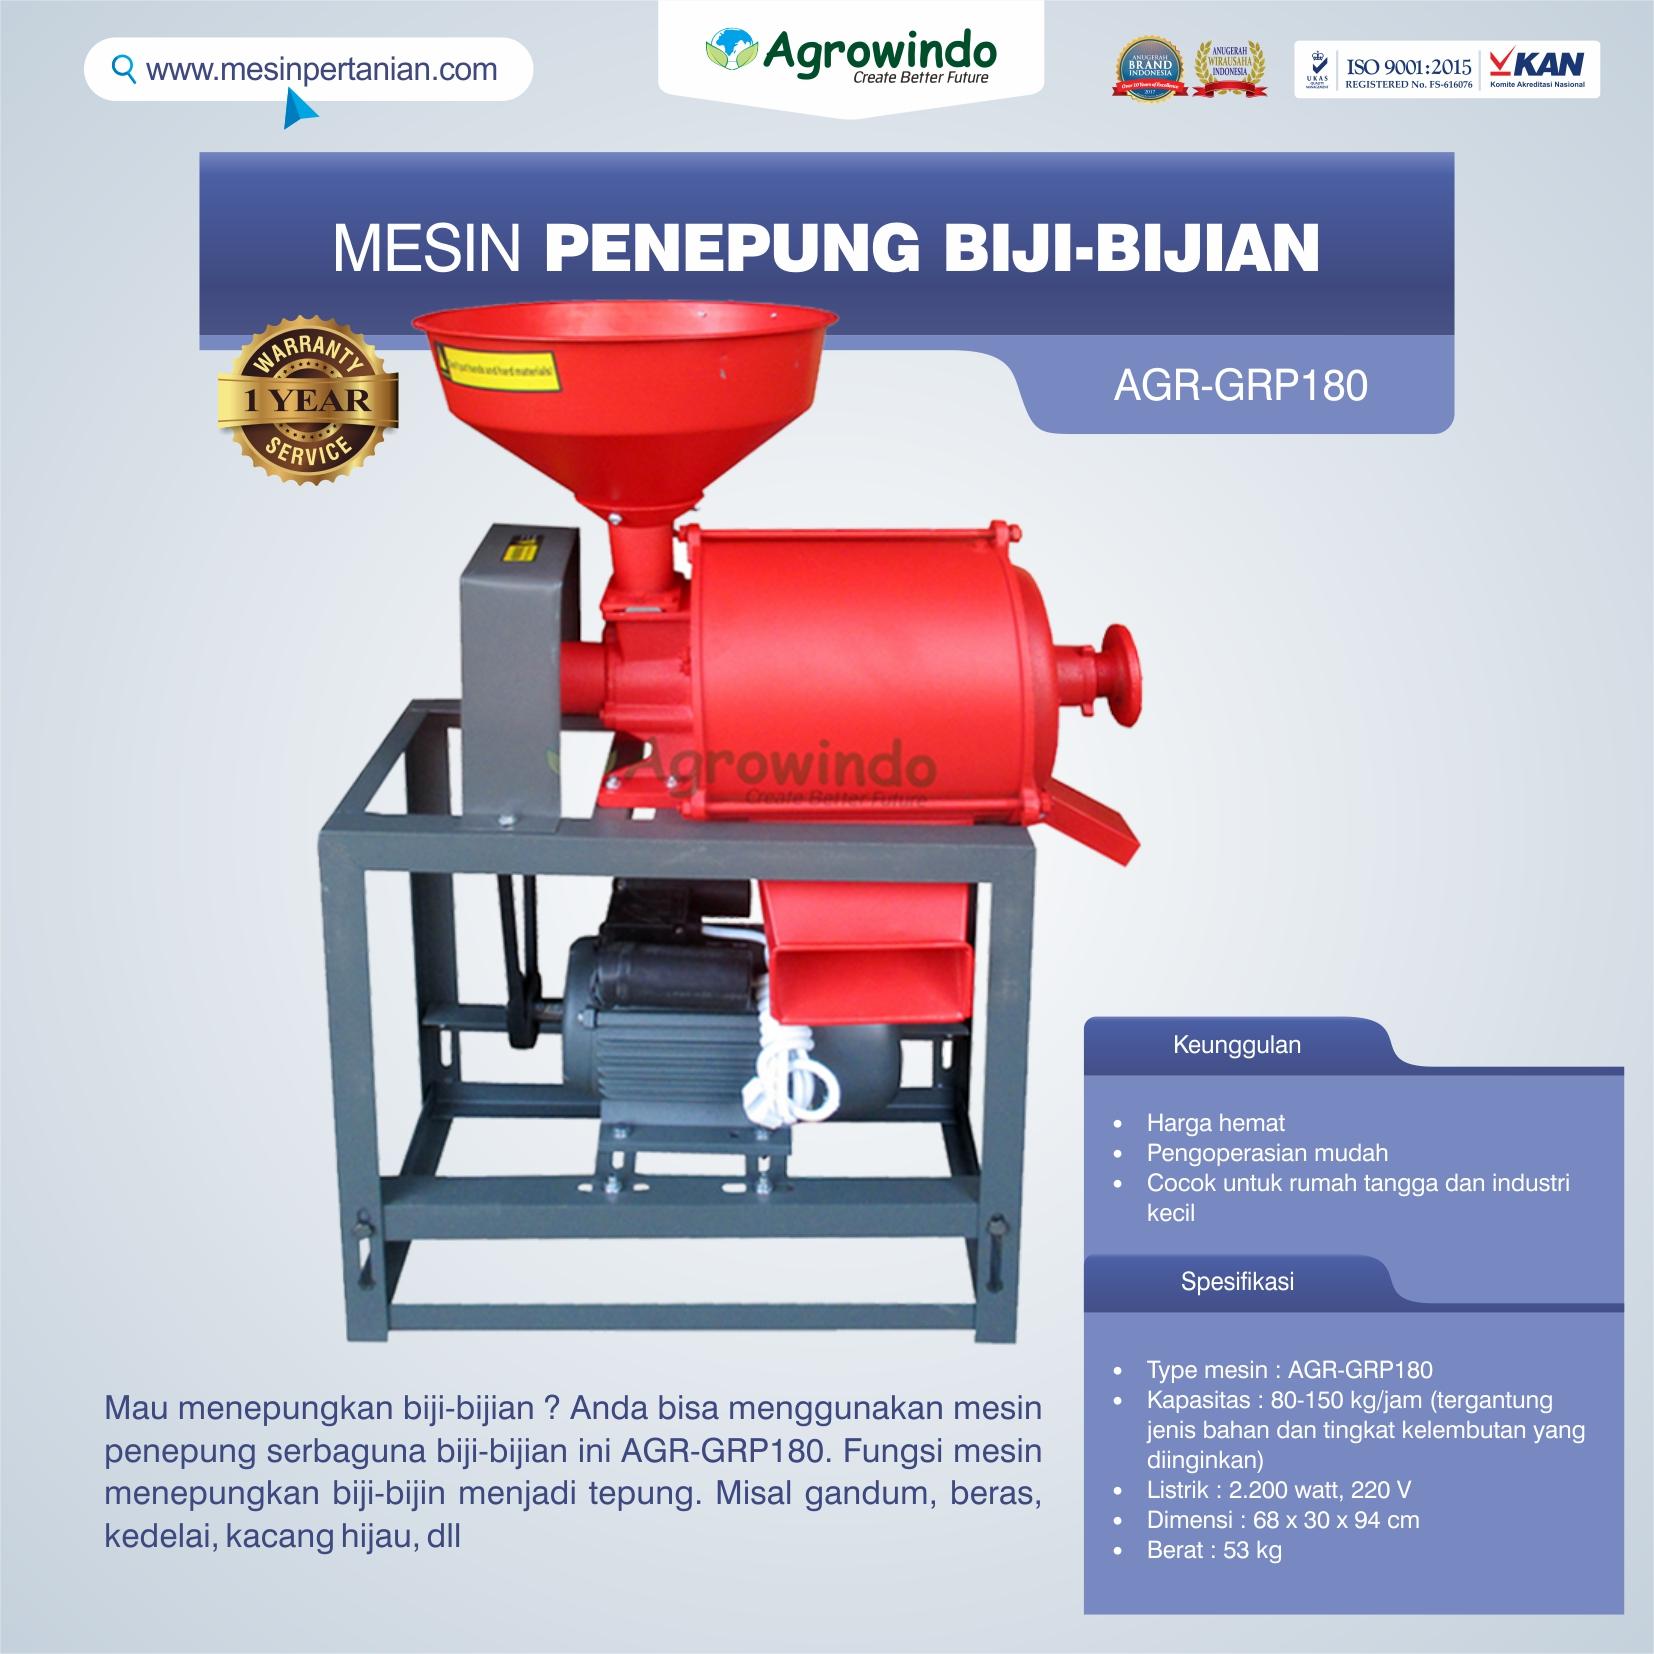 Jual Mesin Penepung Biji-Bijian GRP180 di Palembang